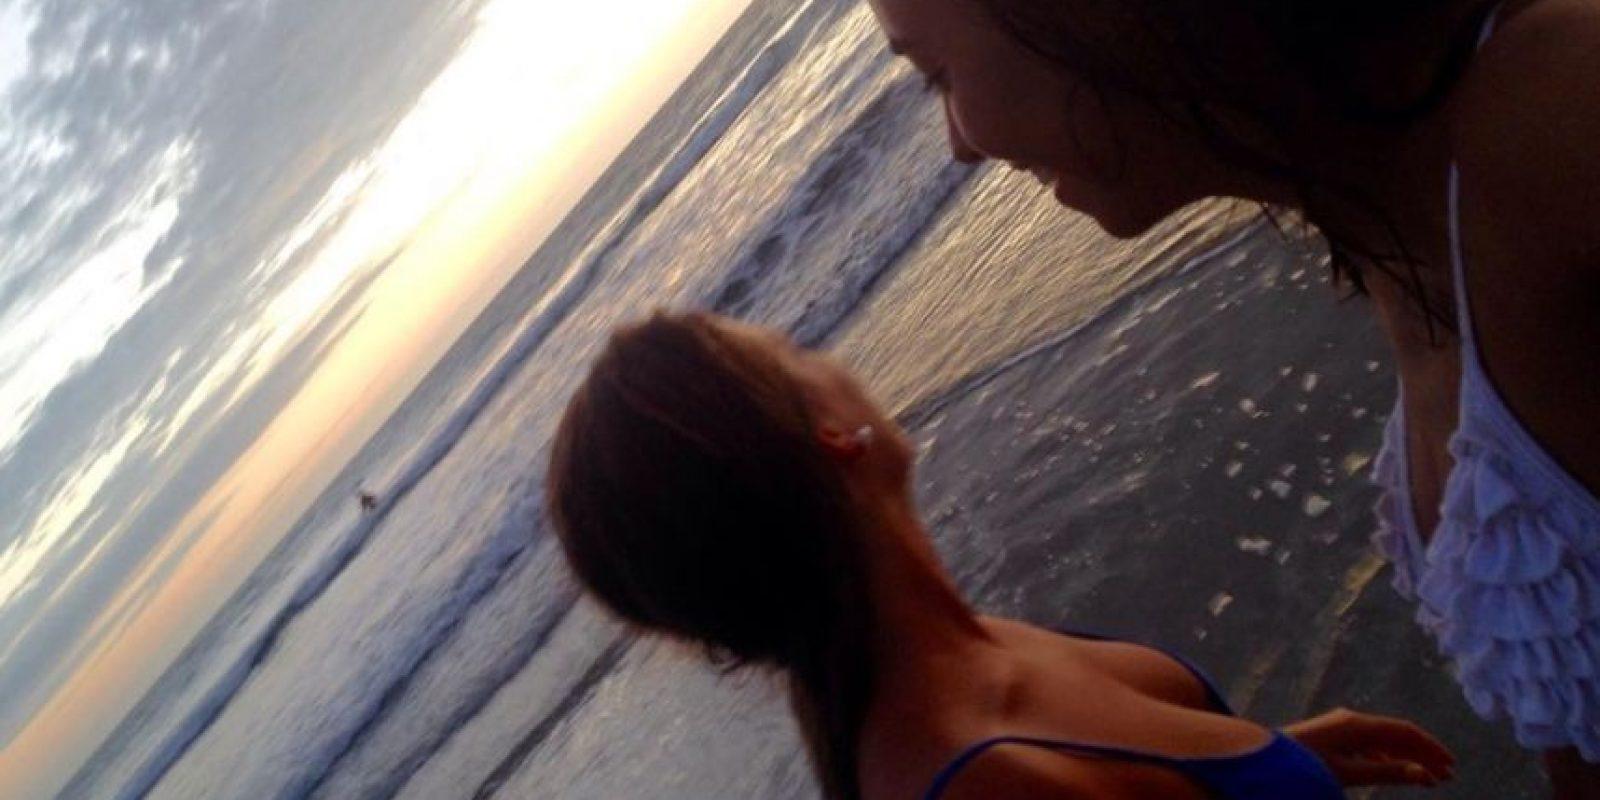 Por esas mismas redes sociales familiares, amigos y conocidos han compartido cientos de mensajes de despedida y aliento. Foto:instagram.com/marina.menegazzo/